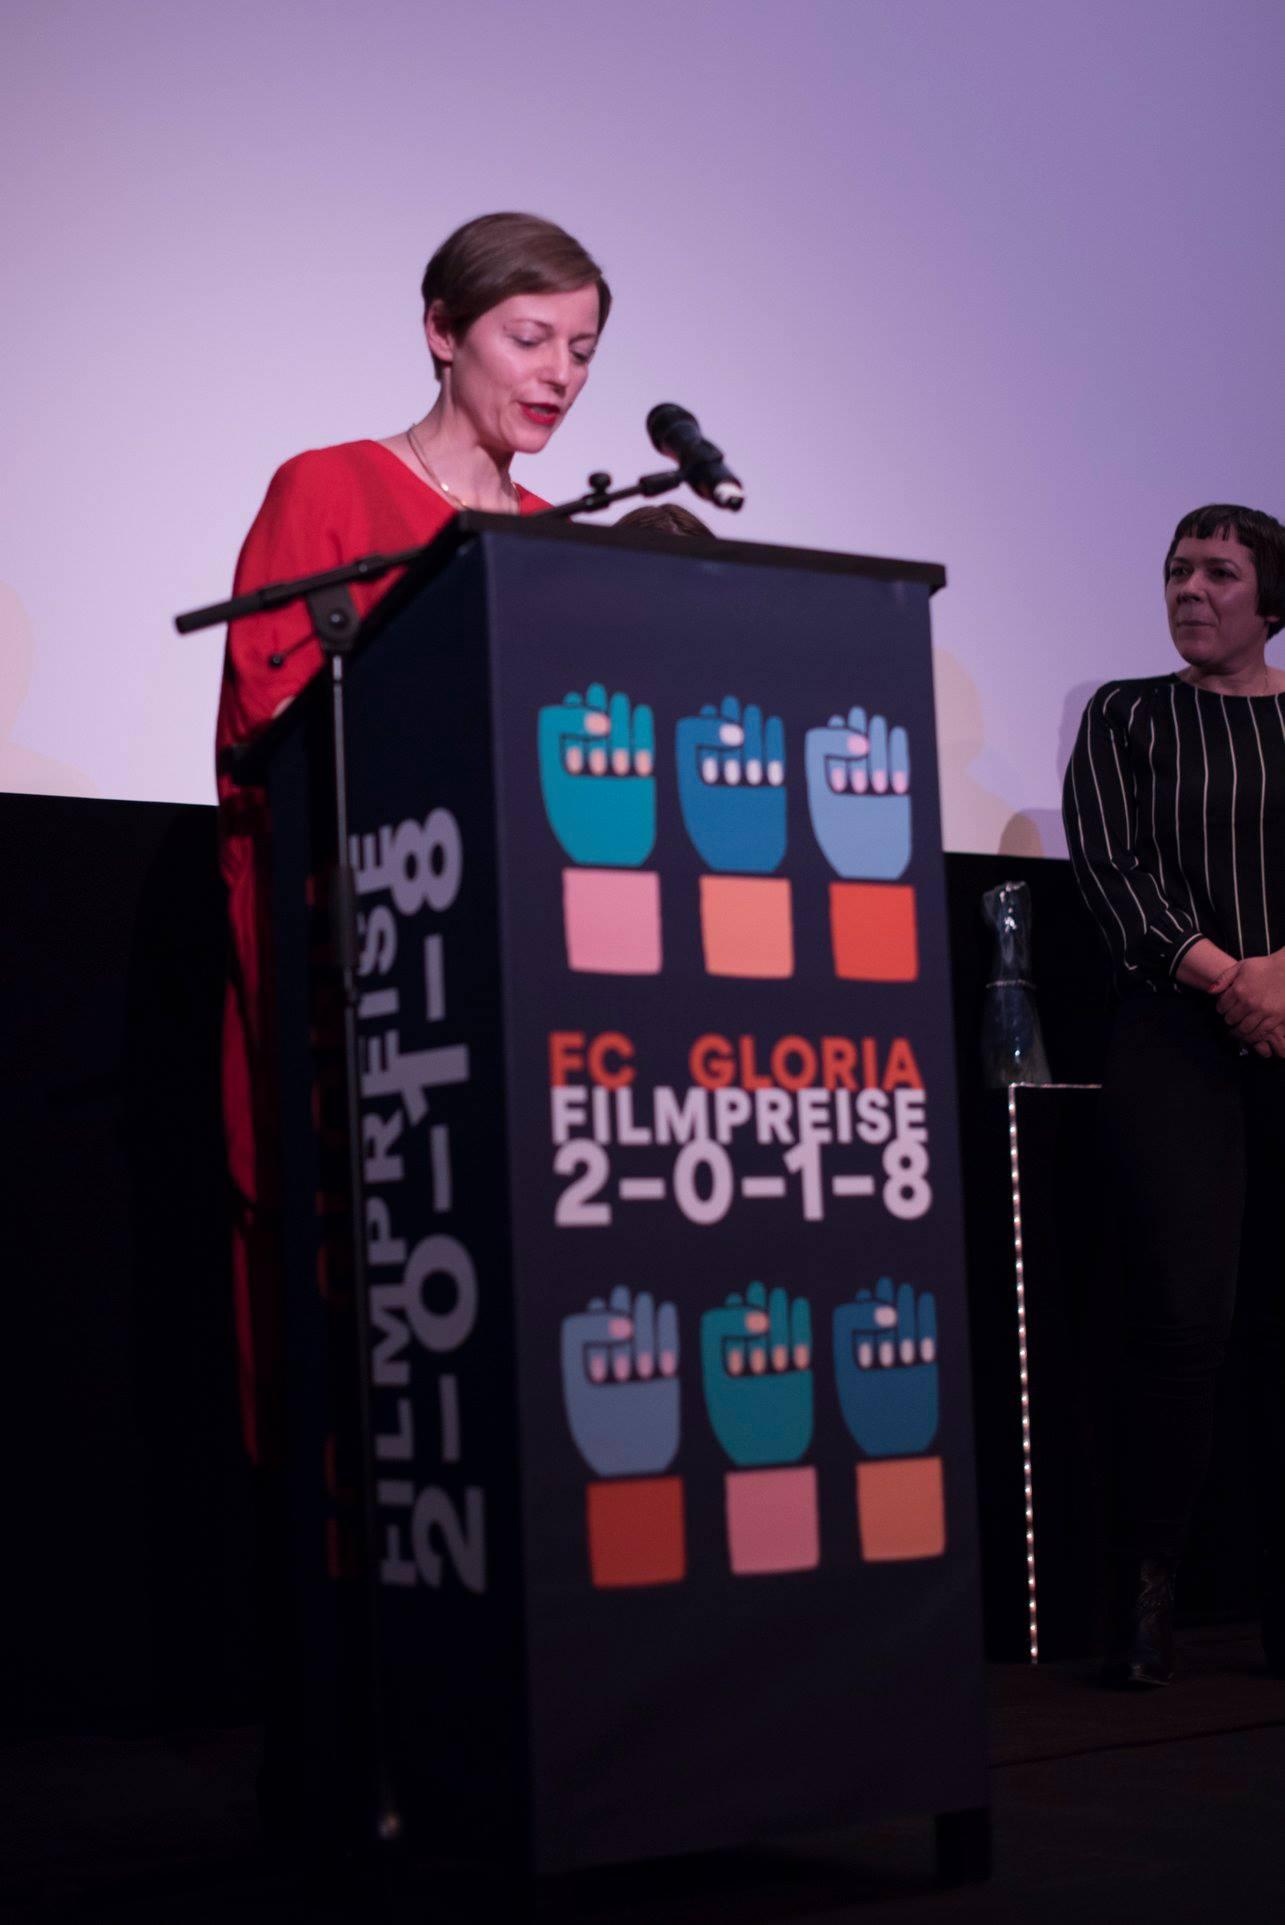 Claudia Slanar verliest das Jury-Statement des Gloriette-Filmpreises